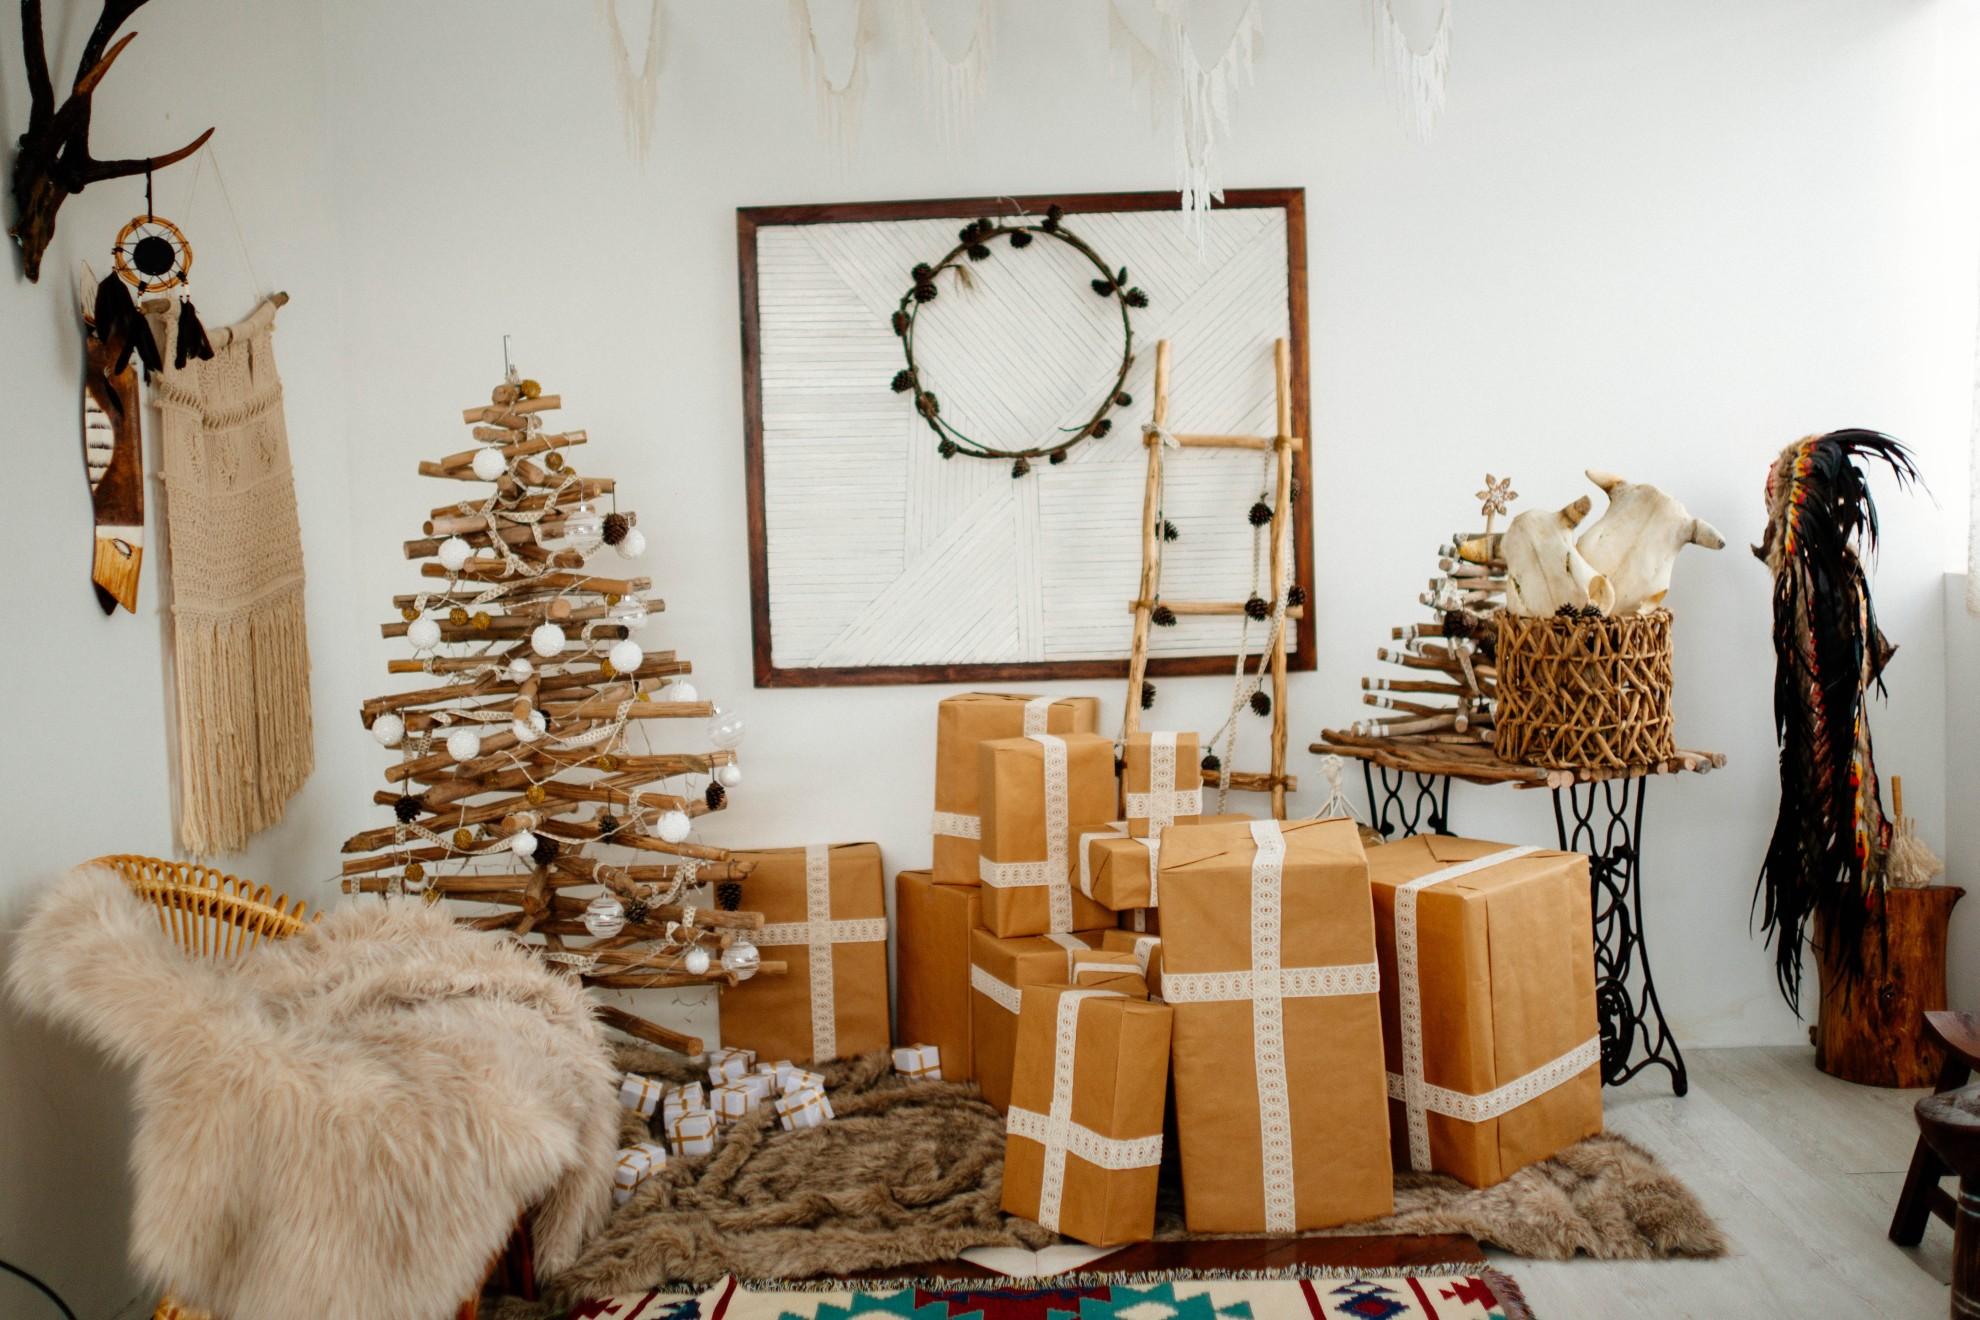 Wie wäre es mit etwas anderen Weihnachtsbäumen? (Foto: Photo by Chang Duong / Unsplash)